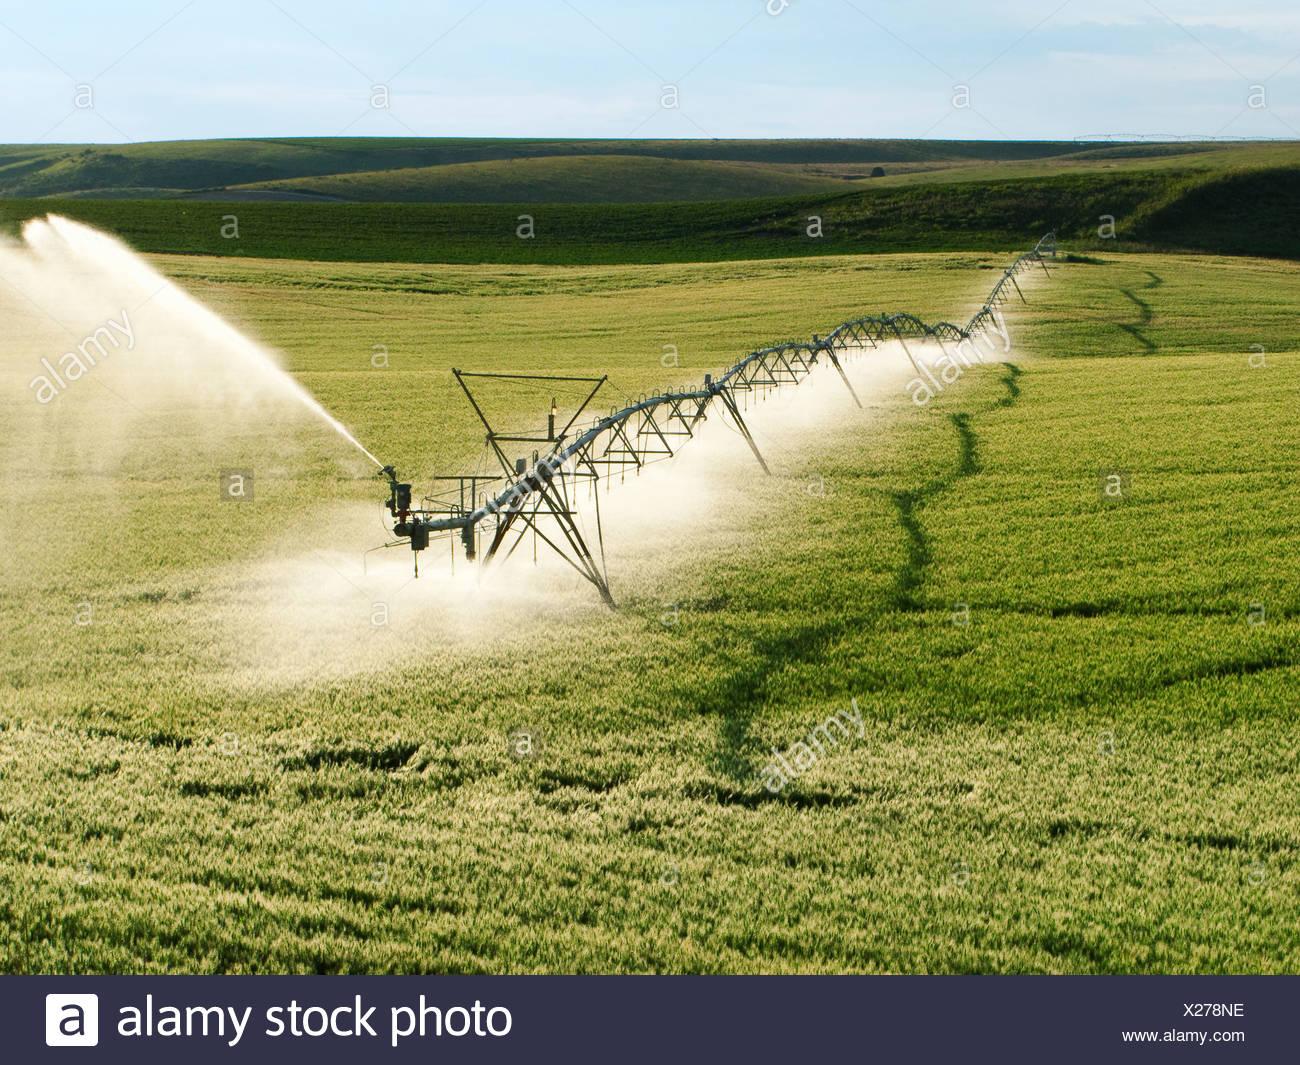 Agricoltura - Centro Operativo di articolazione del sistema di irrigazione su un verde campo di grano / Idaho, Stati Uniti d'America. Immagini Stock